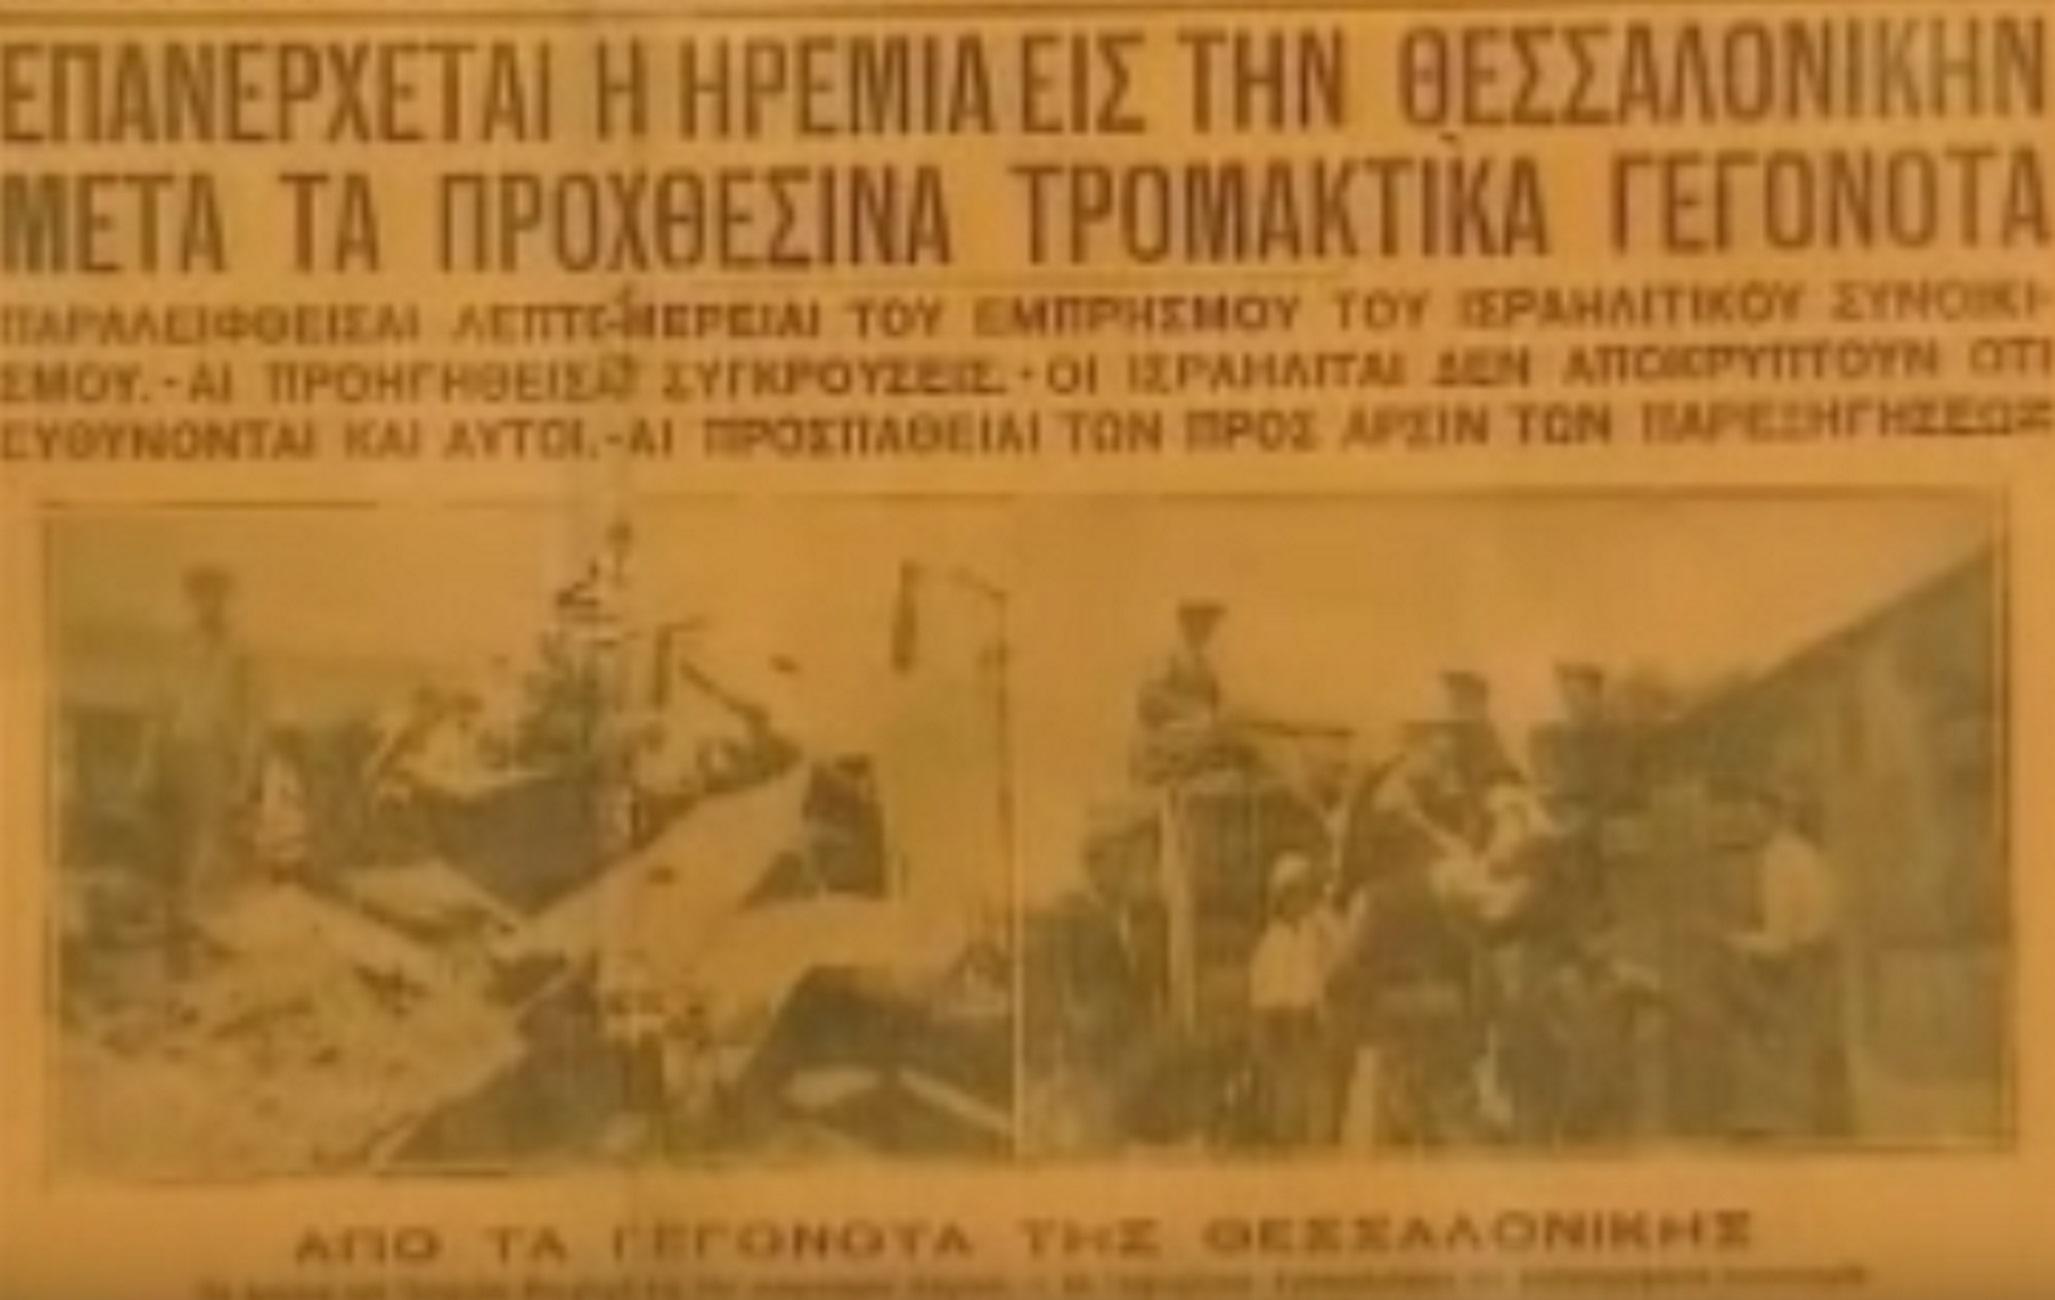 Θεσσαλονίκη: Ημέρα μνήμης για τα 90 χρόνια από τον εμπρησμό του εβραϊκού συνοικισμού Κάμπελ